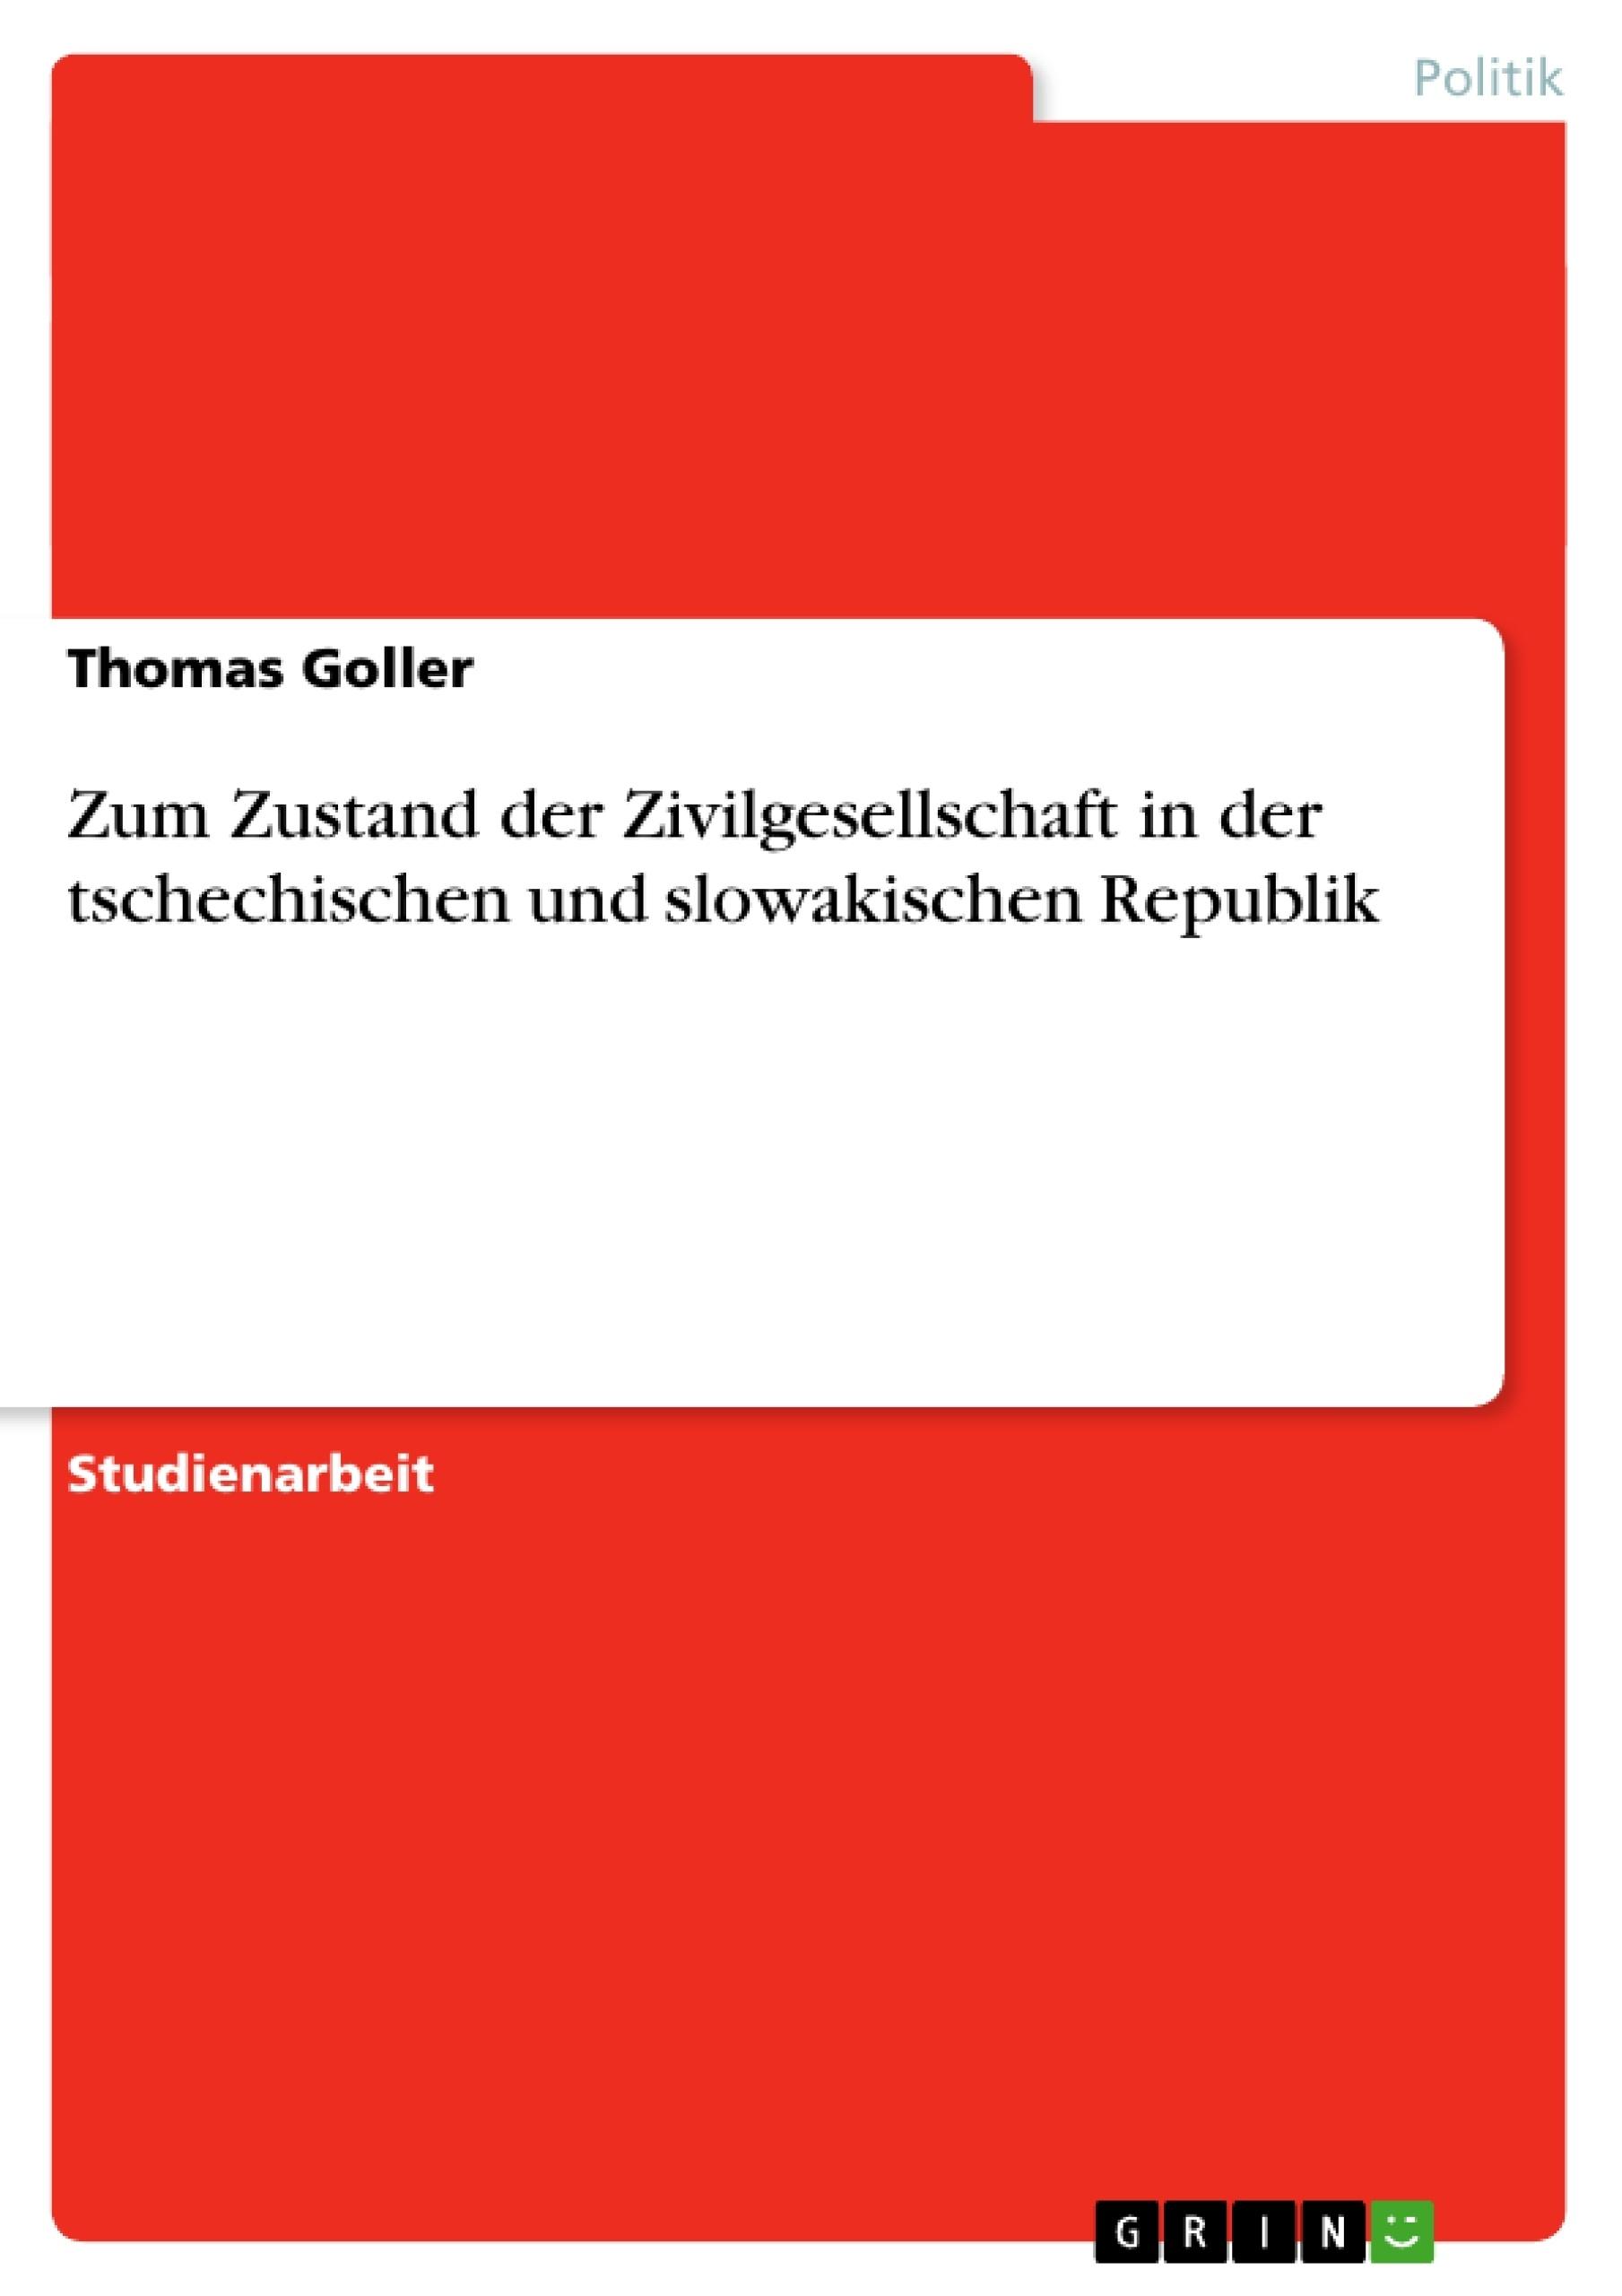 Titel: Zum Zustand der Zivilgesellschaft in der tschechischen und slowakischen Republik